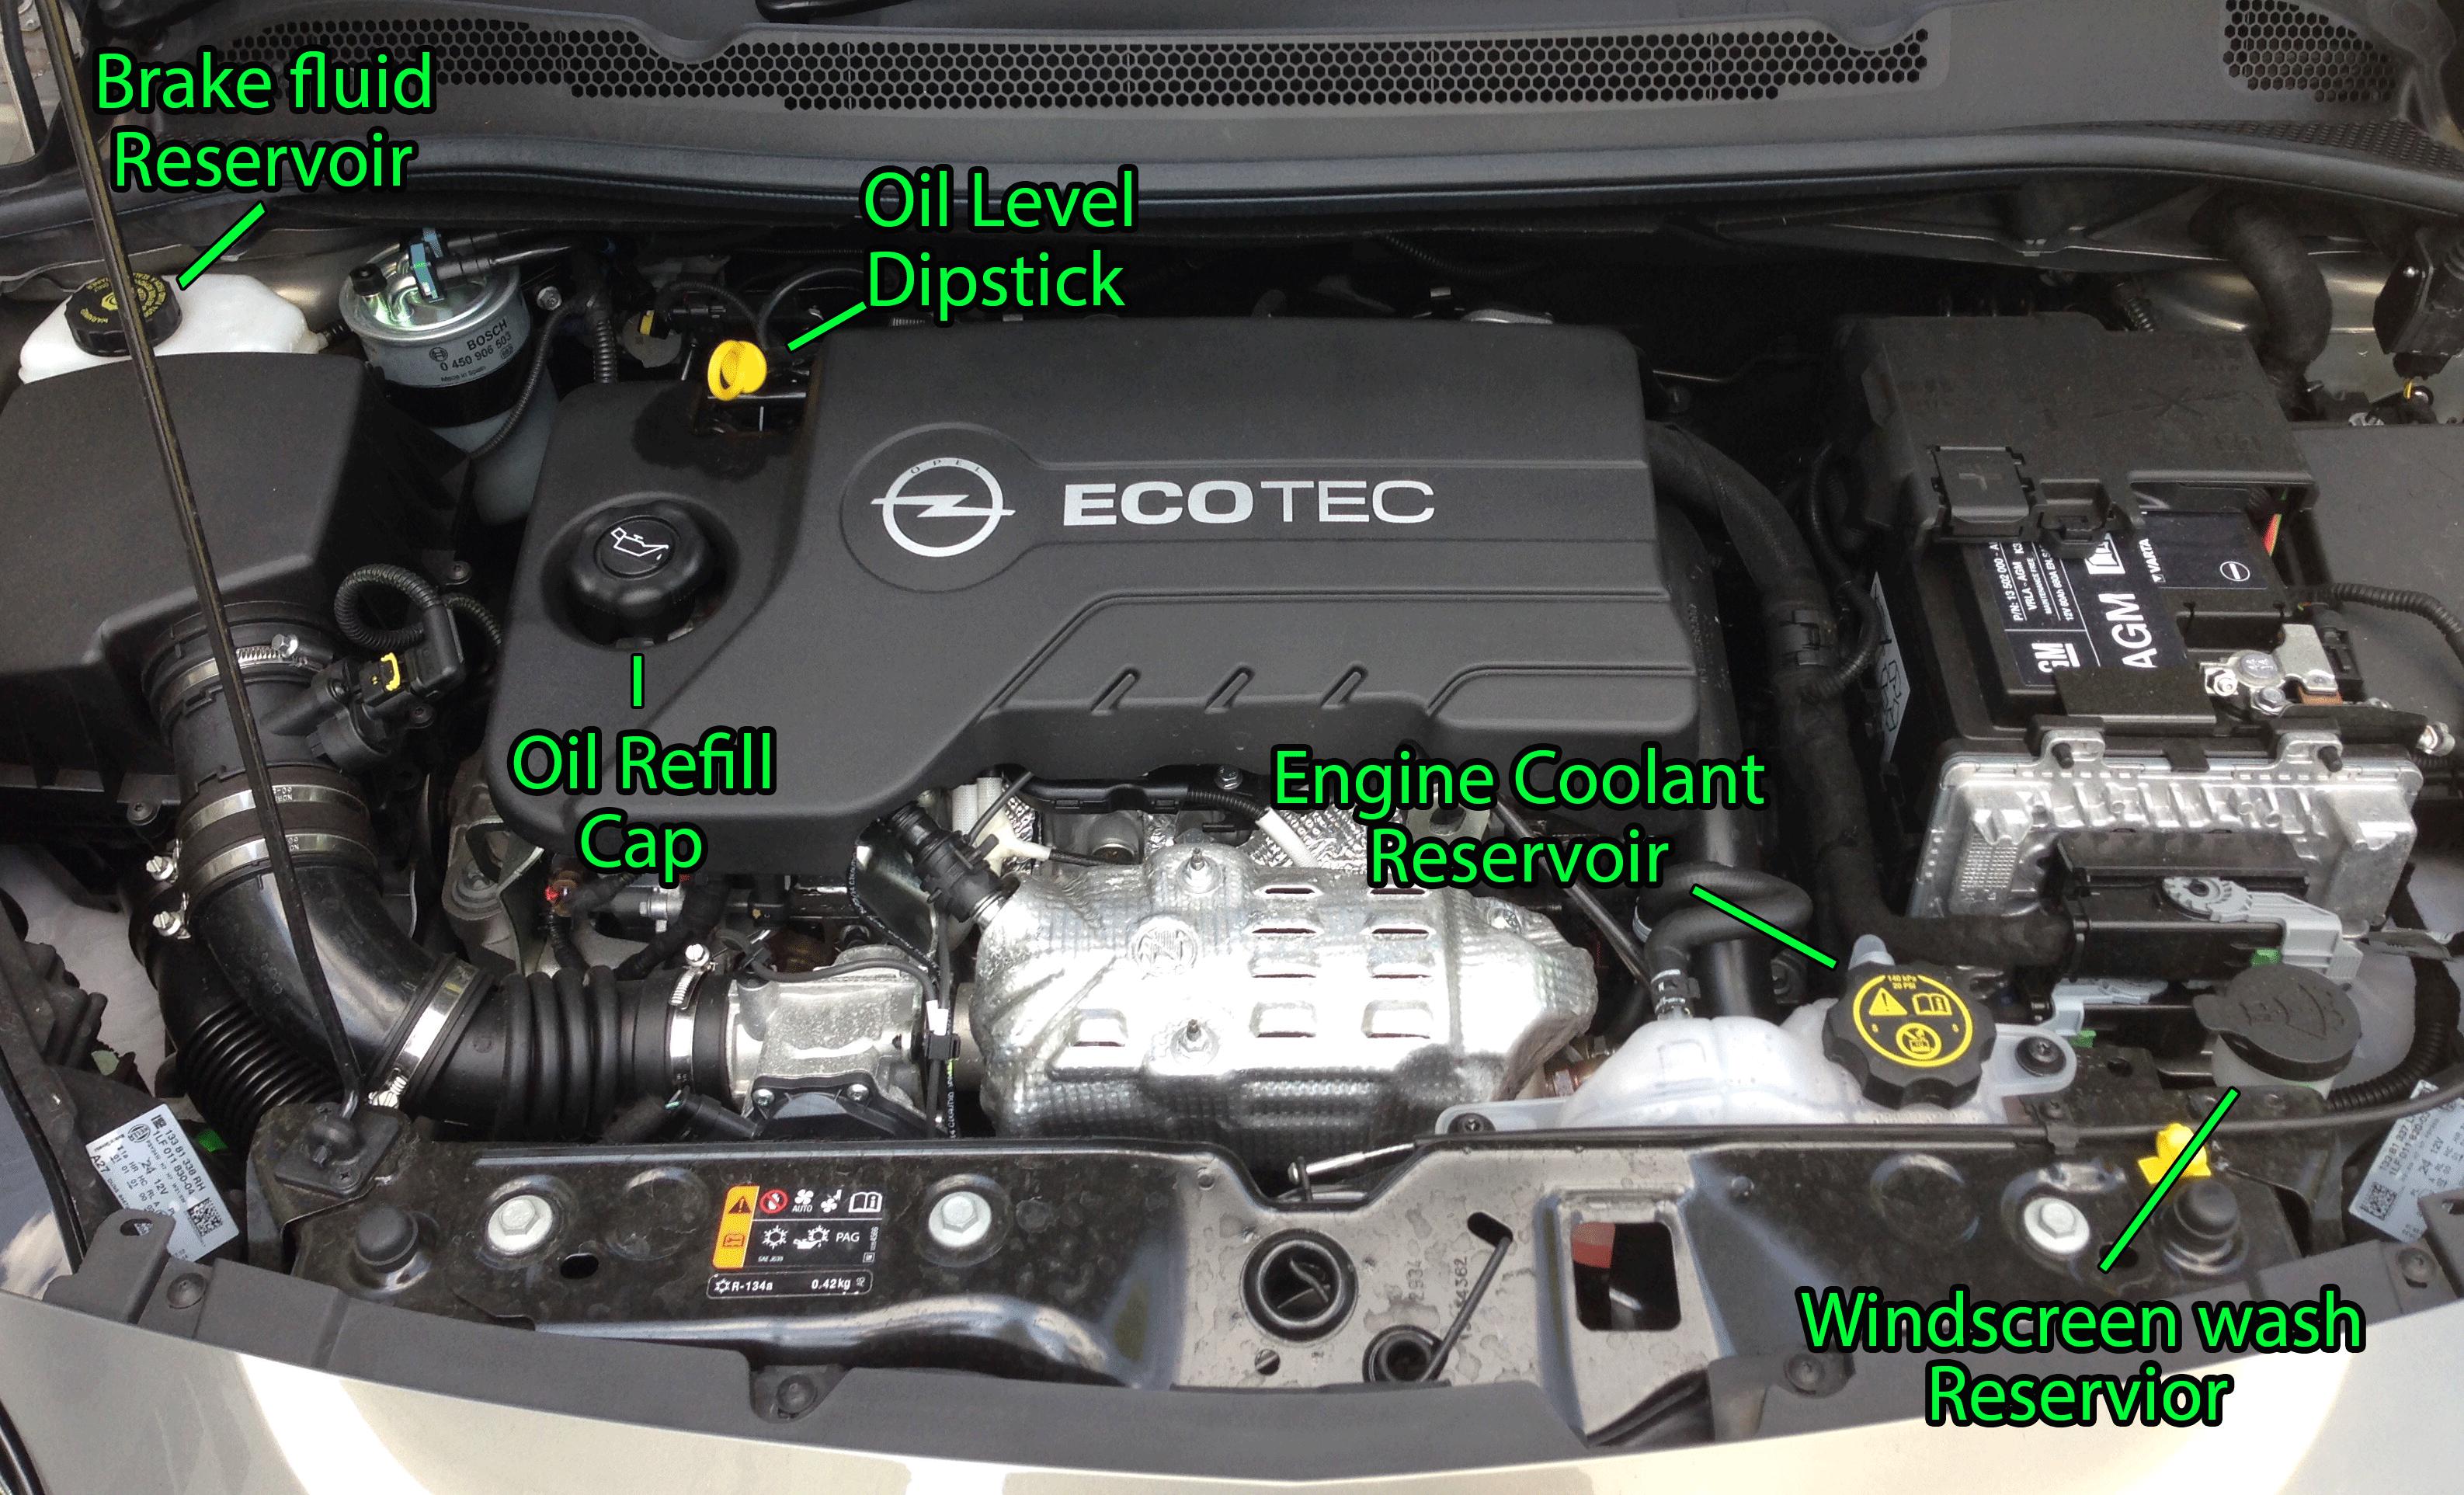 Epic-Car-Bonnet-Diagram-51-On-Car-Decor-Home-with-Car-Bonnet-Diagram ...